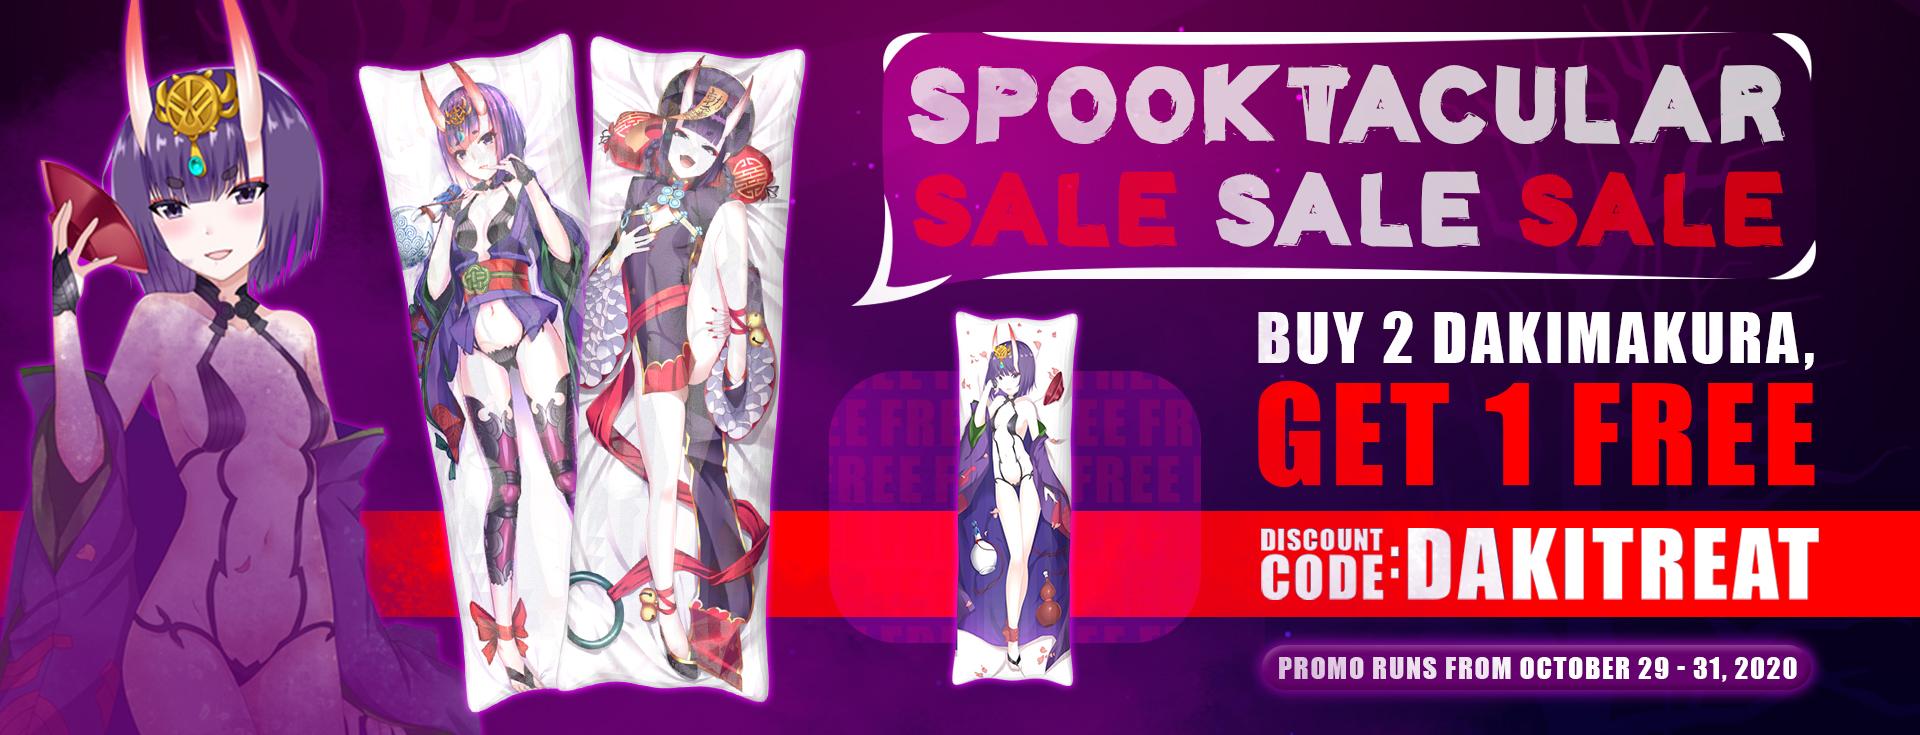 Buy 2 Dakimakura, Get 1 Free.jpg